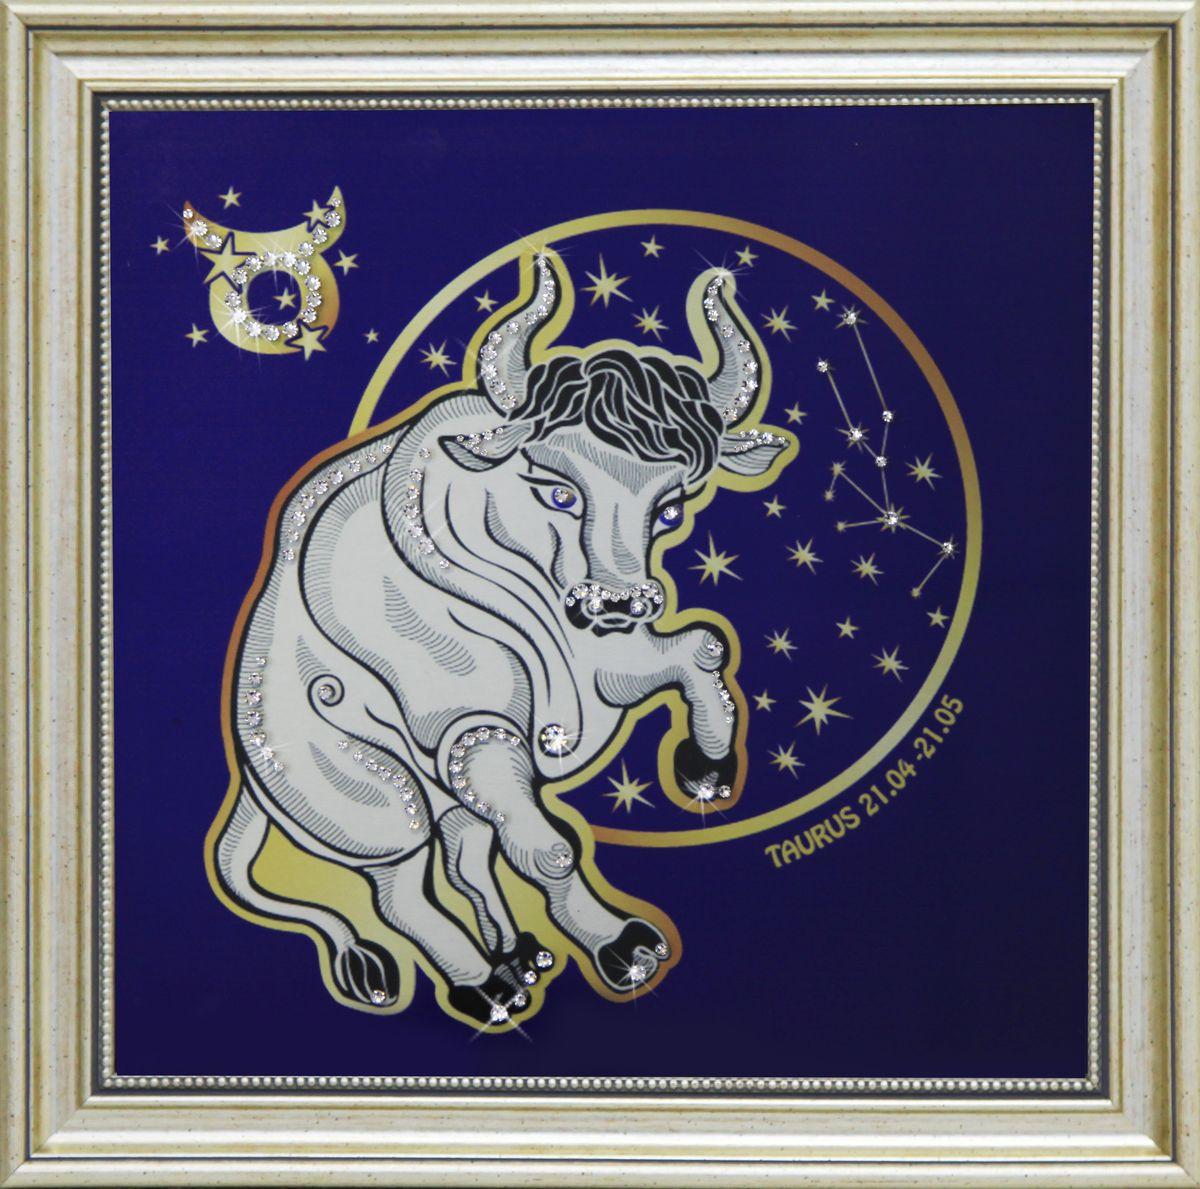 1746 Картина СваровскиЗвездный телец1746Картина в багете, инкрустированная кристалами сваровски